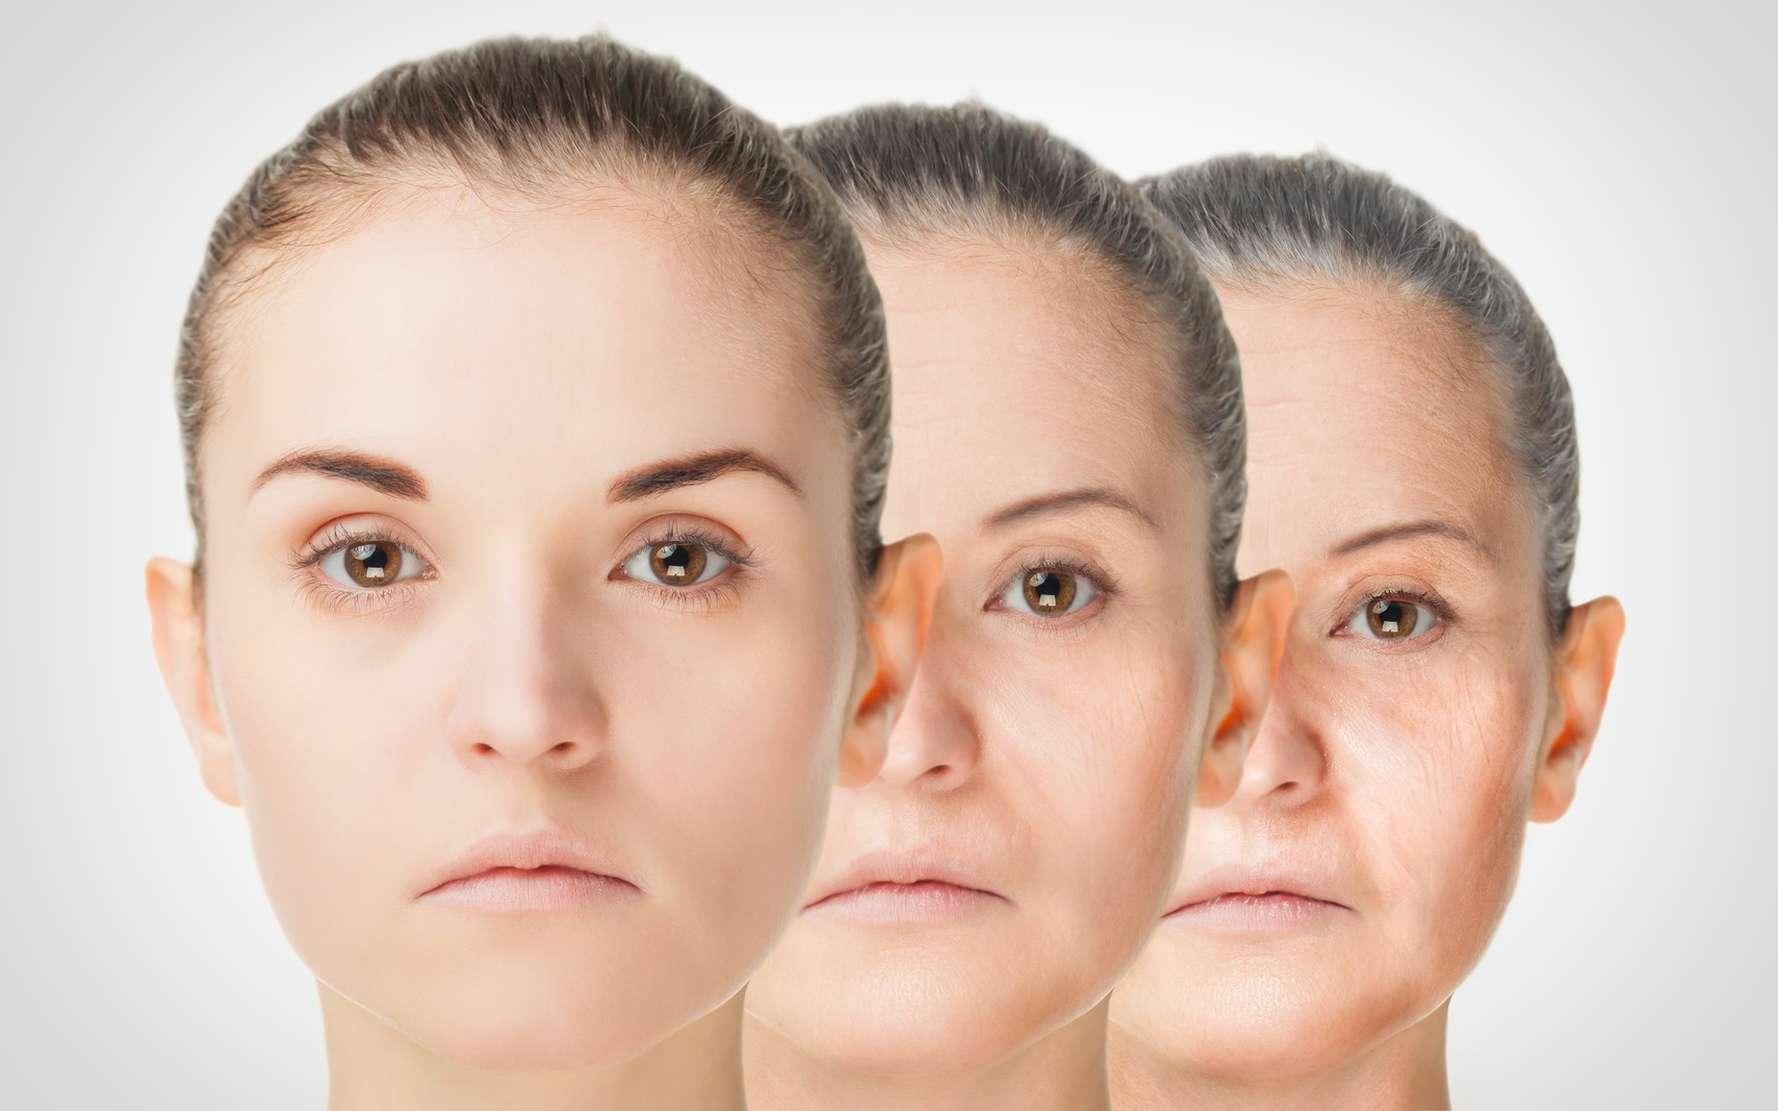 Les radicaux libres sont associés au vieillissement cellulaire. © leszekglasner, Fotolia